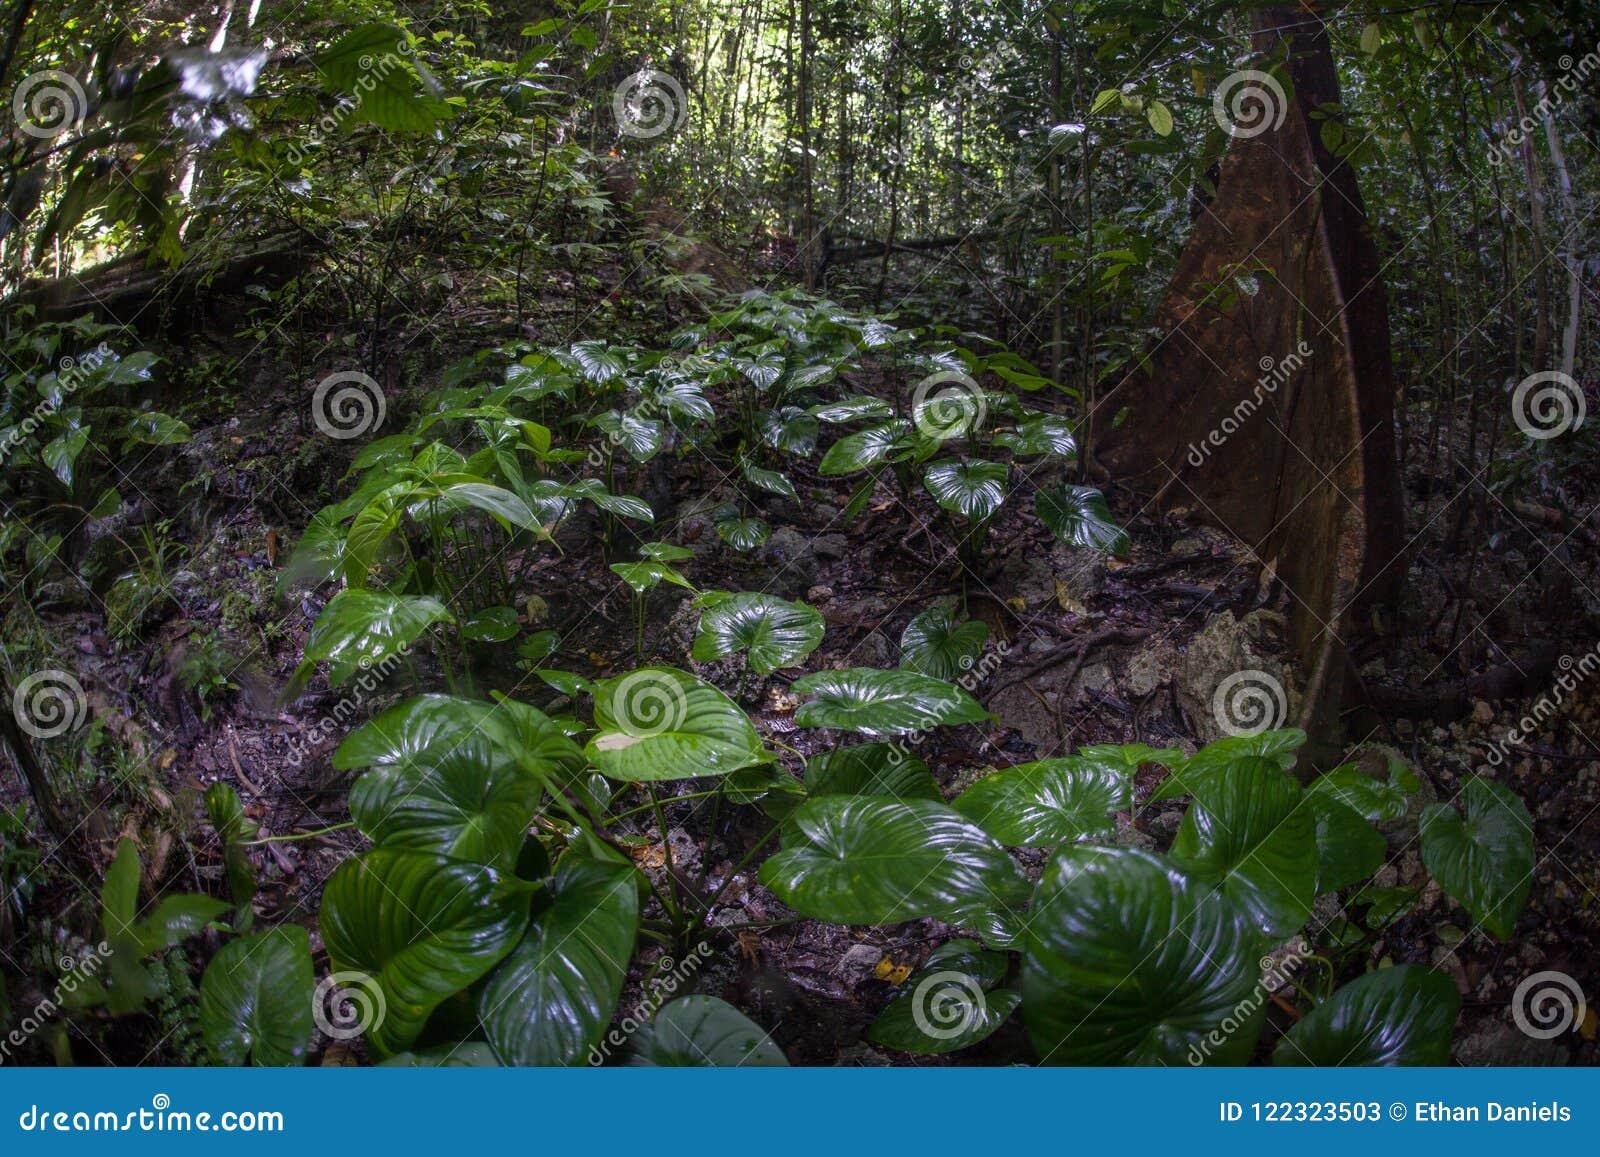 Zdrowy tropikalny las deszczowy w Raja Ampat, Indonezja